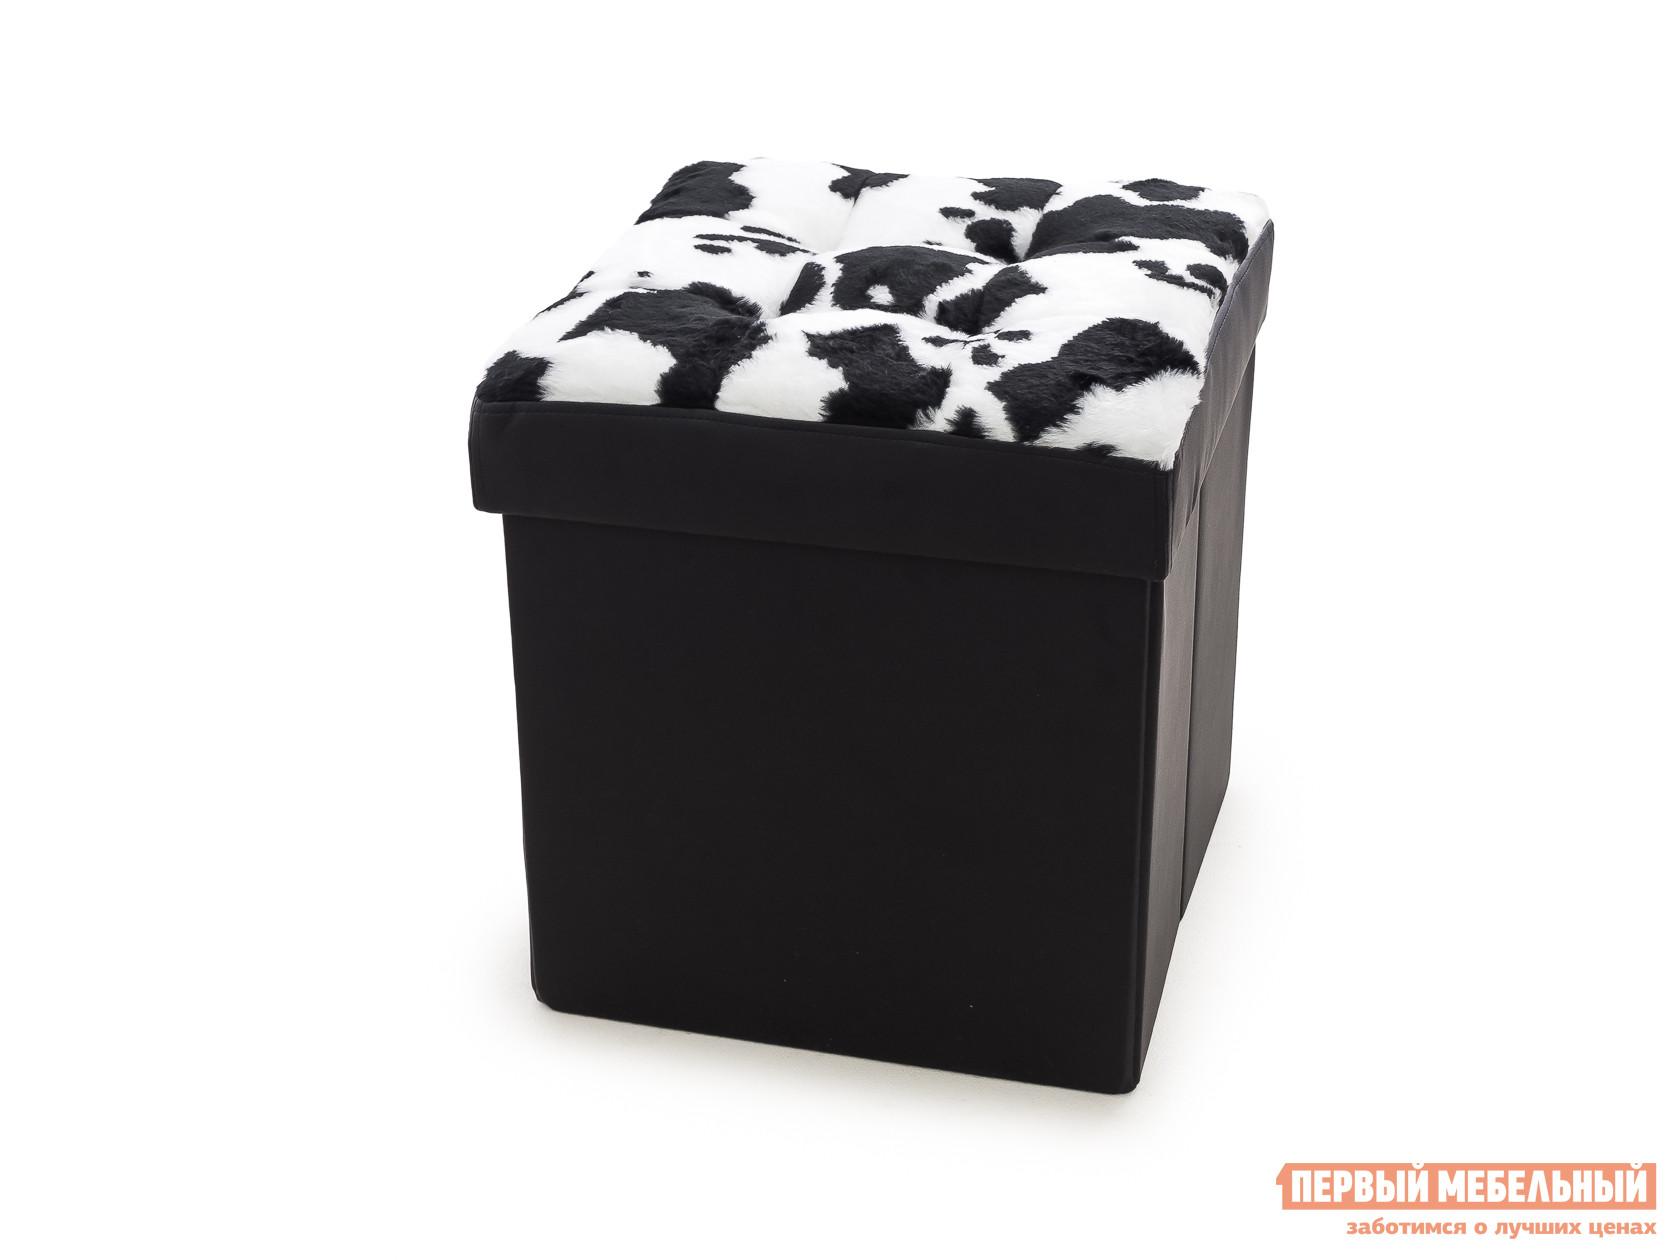 Пуфик DreamBag Пуфик складной Корова Черная корова